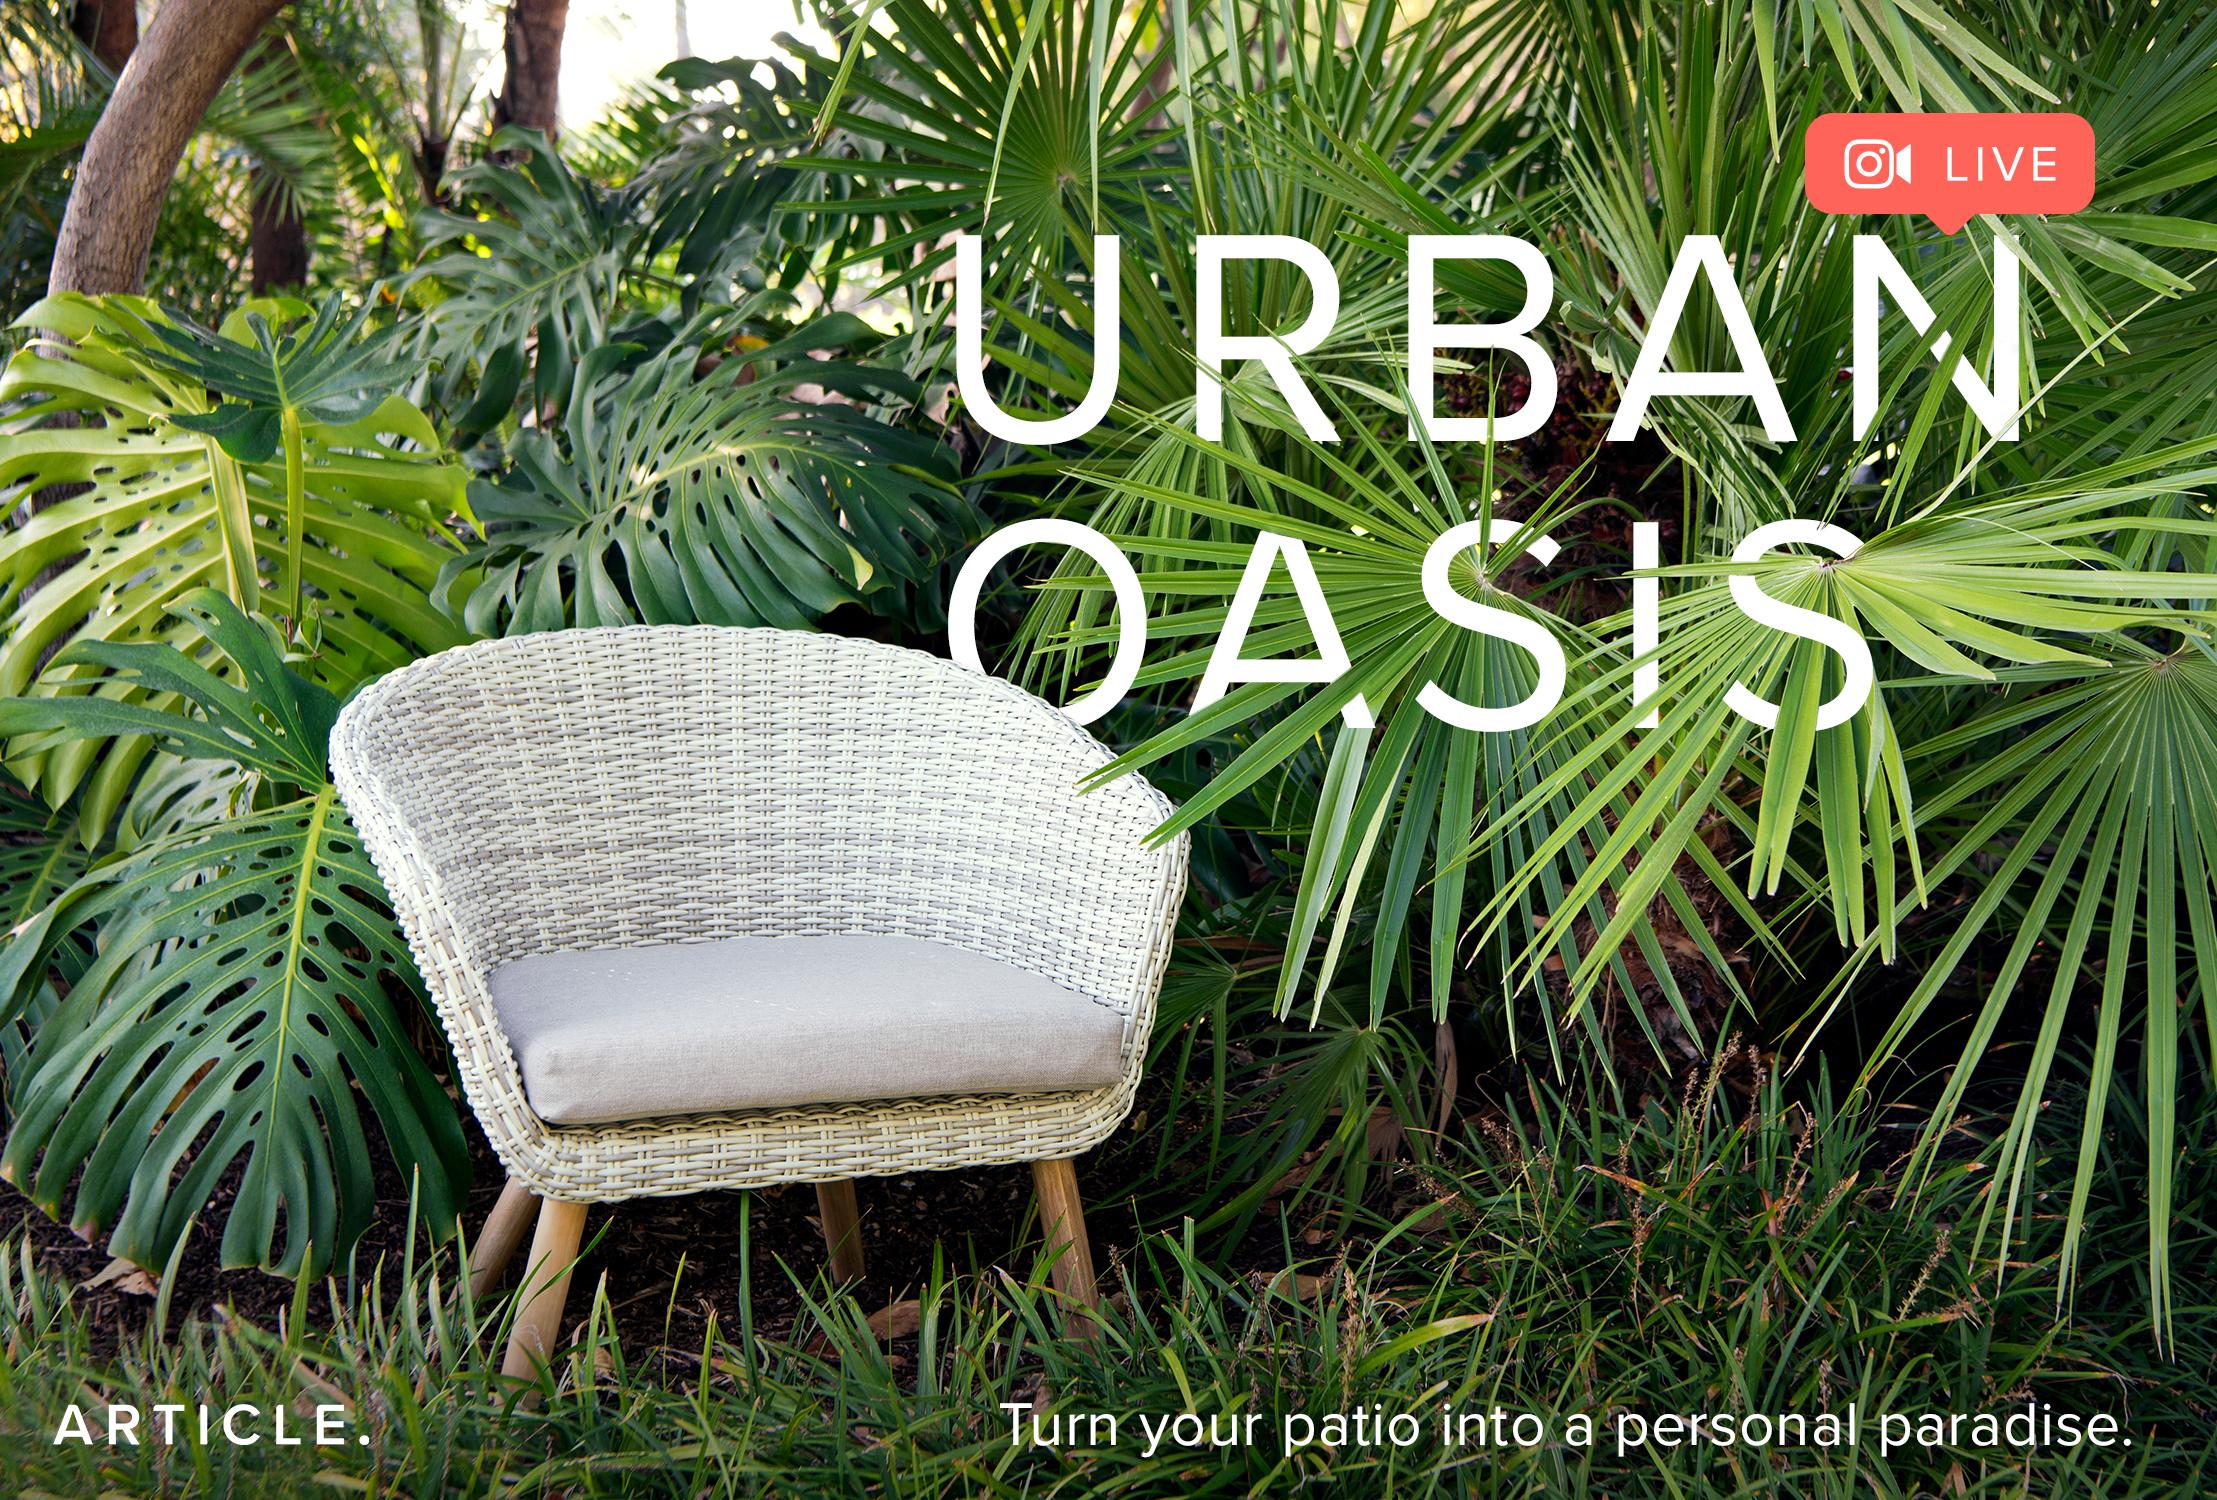 IGLIVE-UrbanOasis-FB-180419.jpg